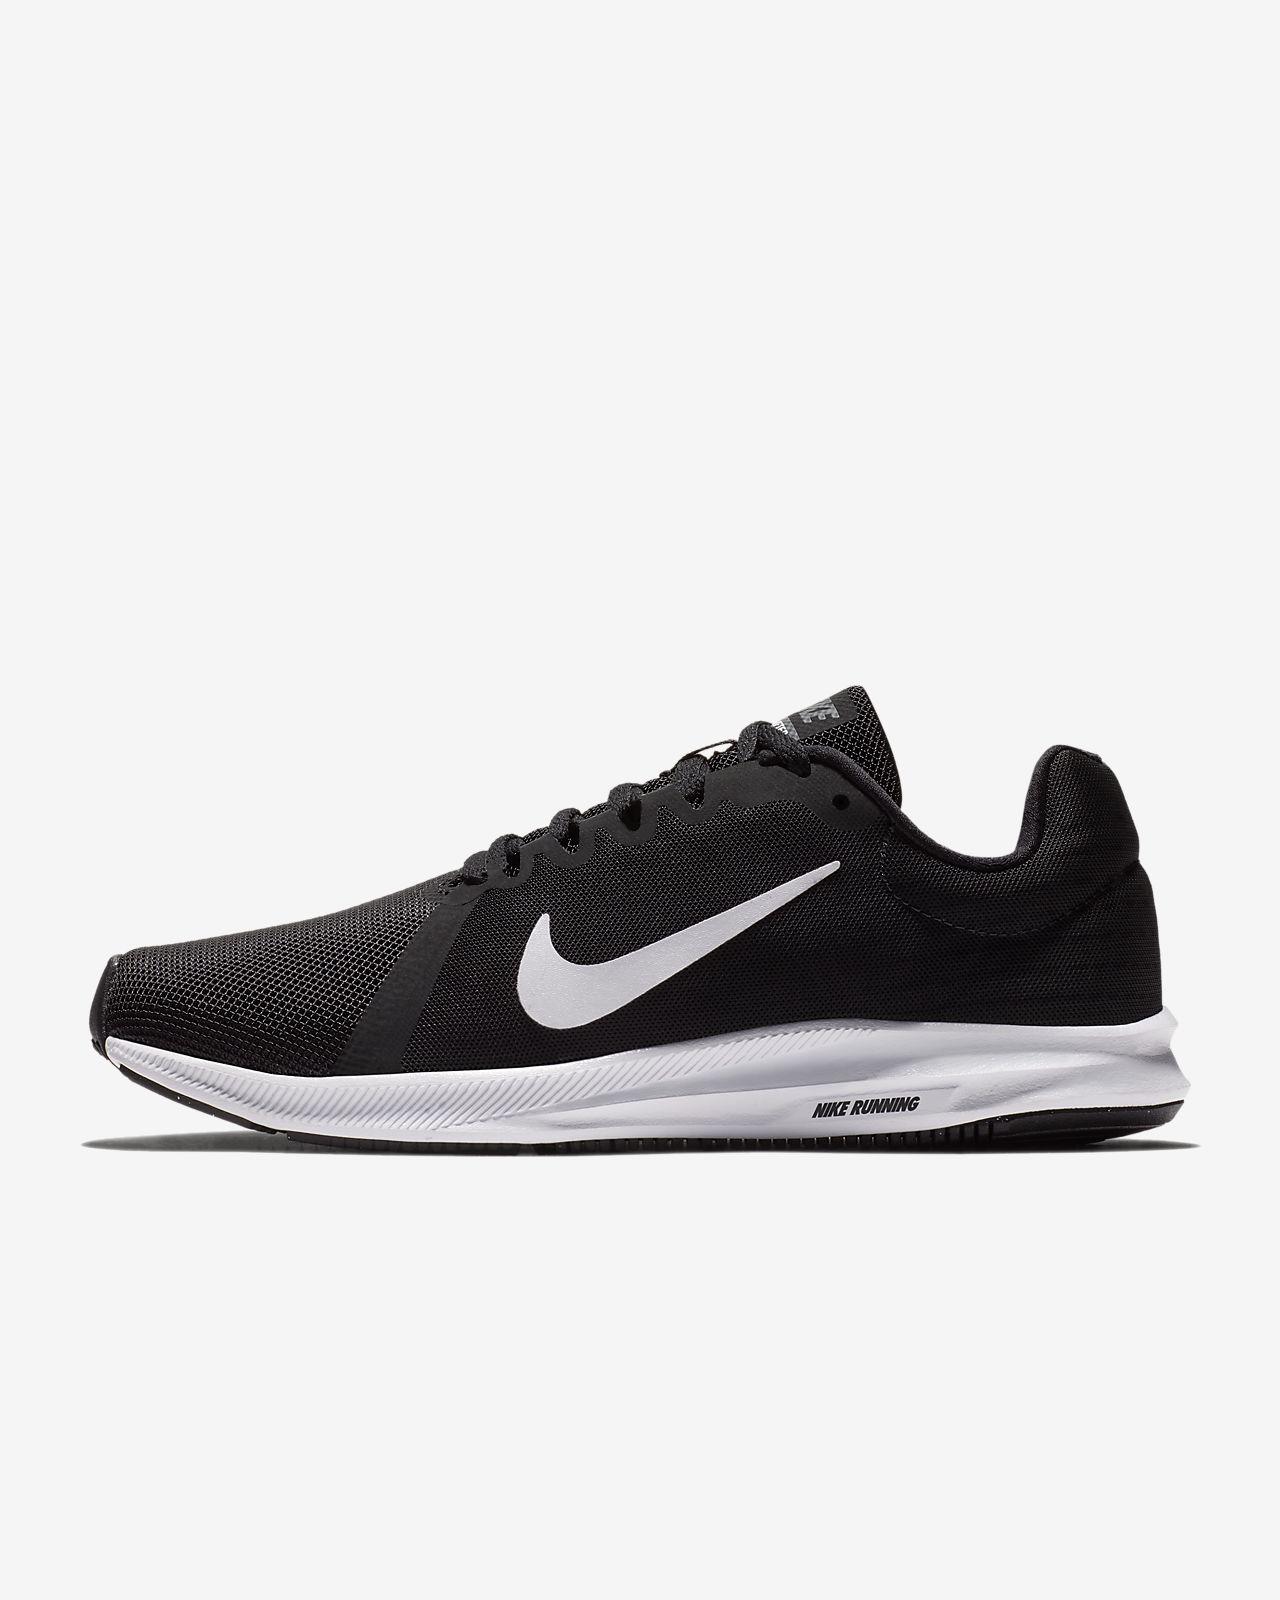 Dámská běžecká bota Nike Downshifter 8. Nike.com CZ 3031b29482